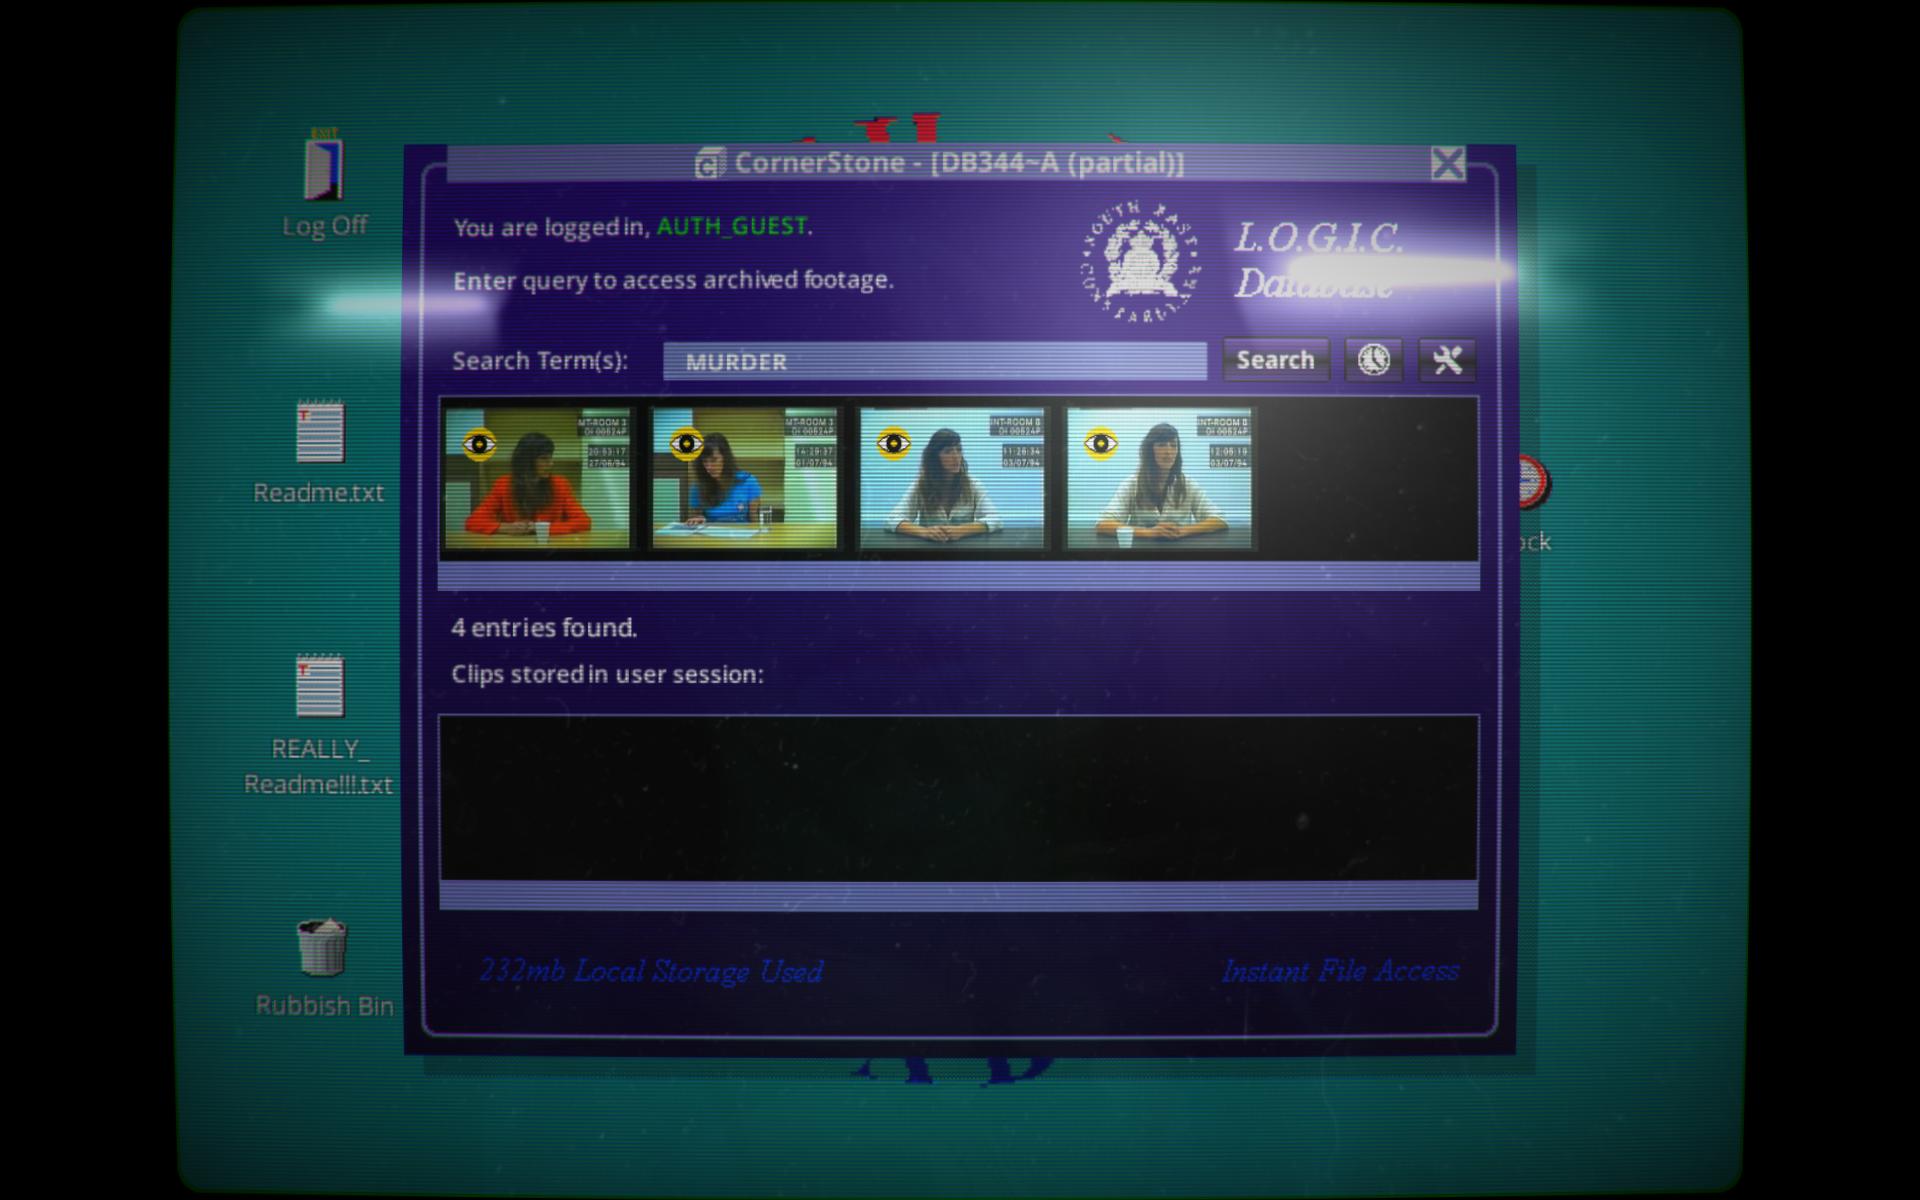 初期画面。デフォルトで入力されている「MURDER」という単語で検索してみたところ。「MURDER」と発言している4件の動画が検索結果として出力されている。